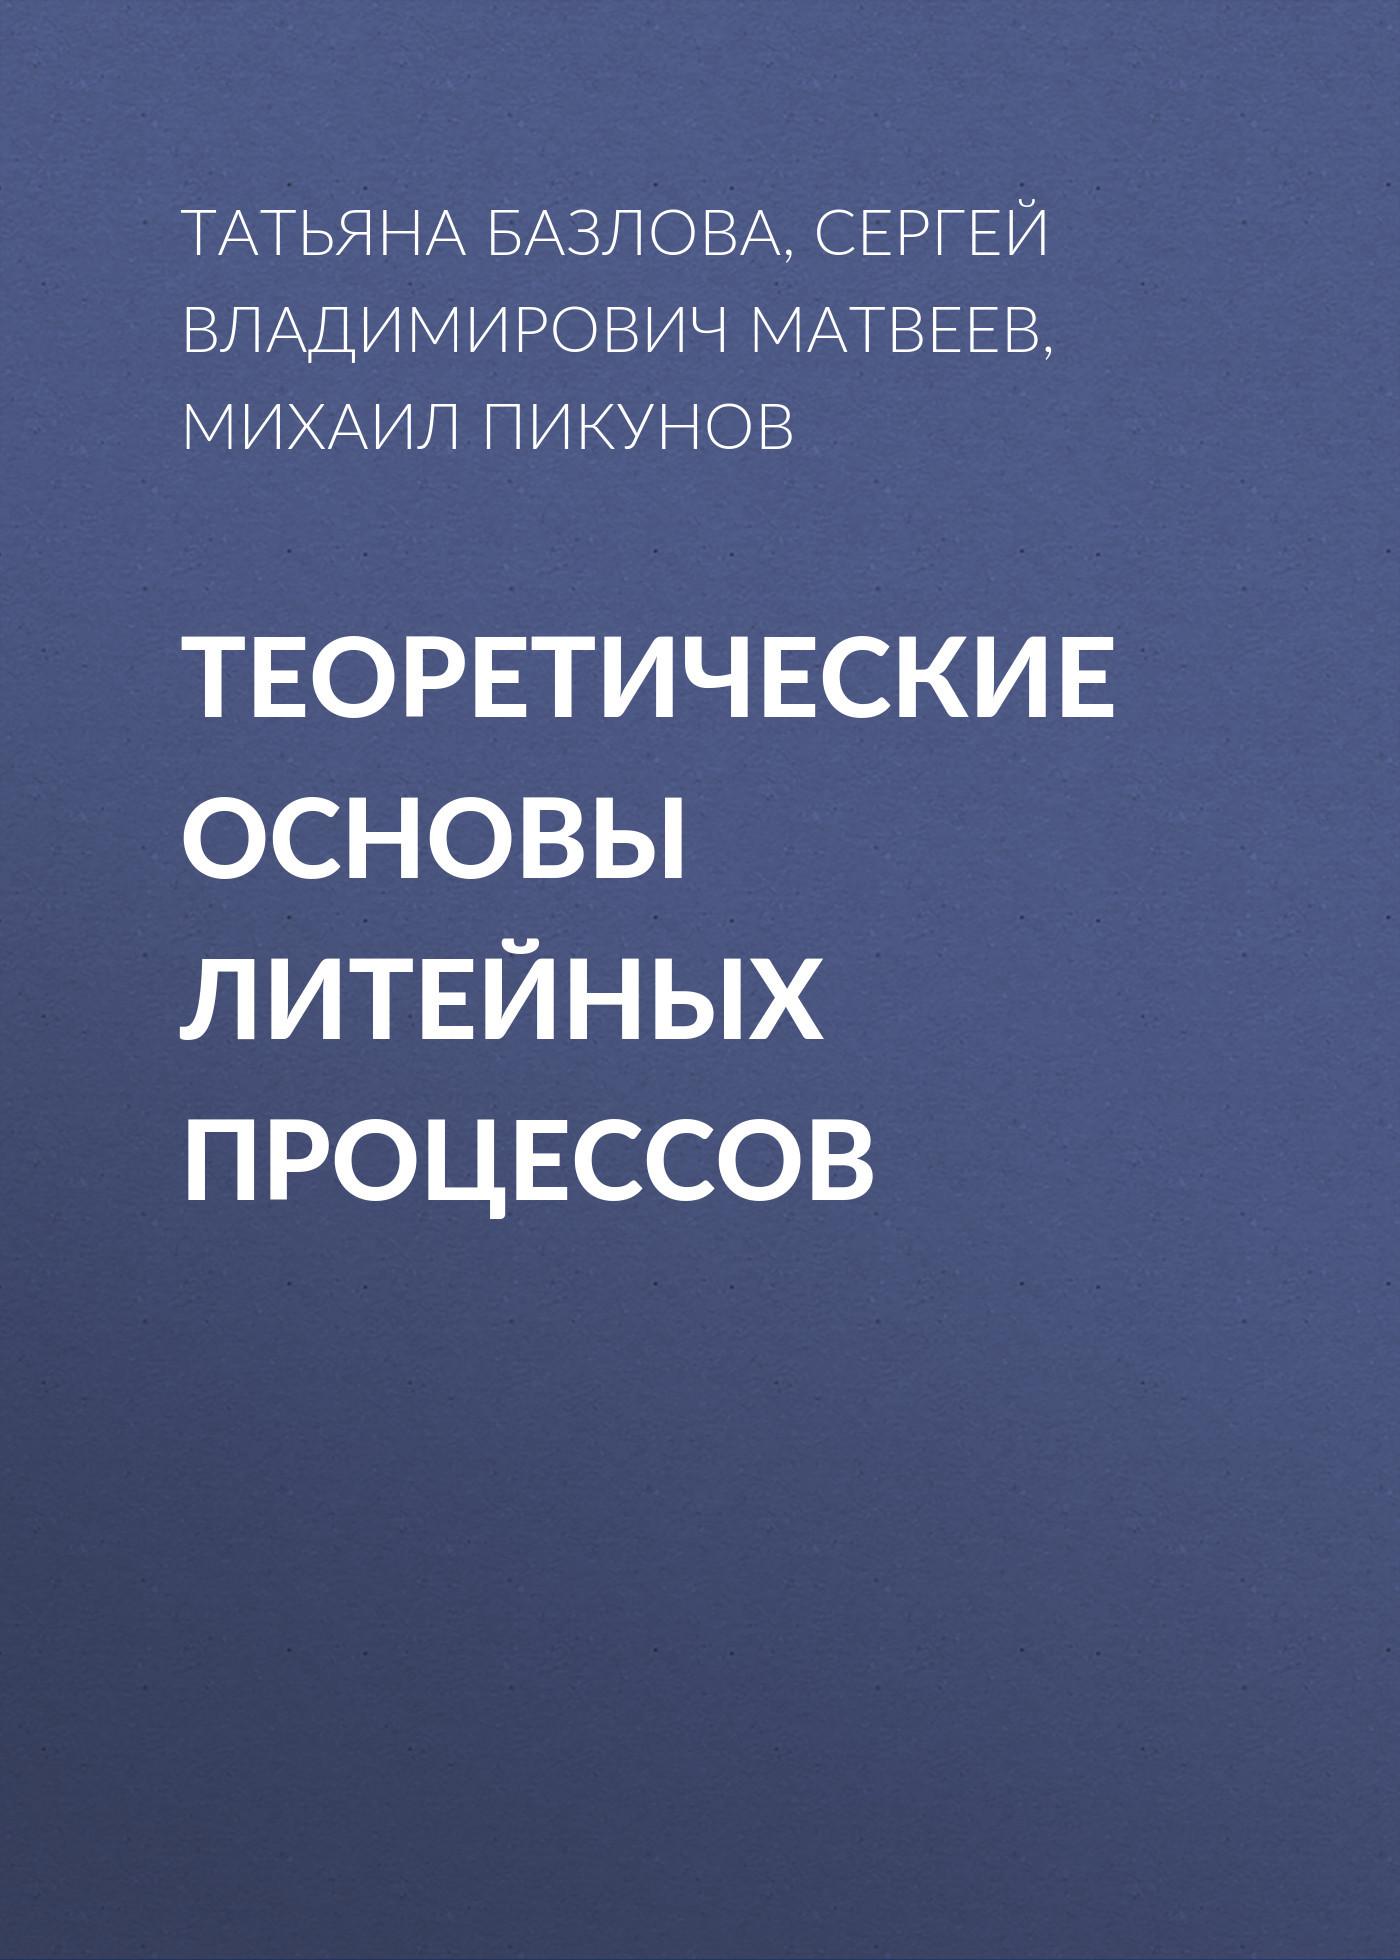 Сергей Владимирович Матвеев Теоретические основы литейных процессов оборудование литейных цехов